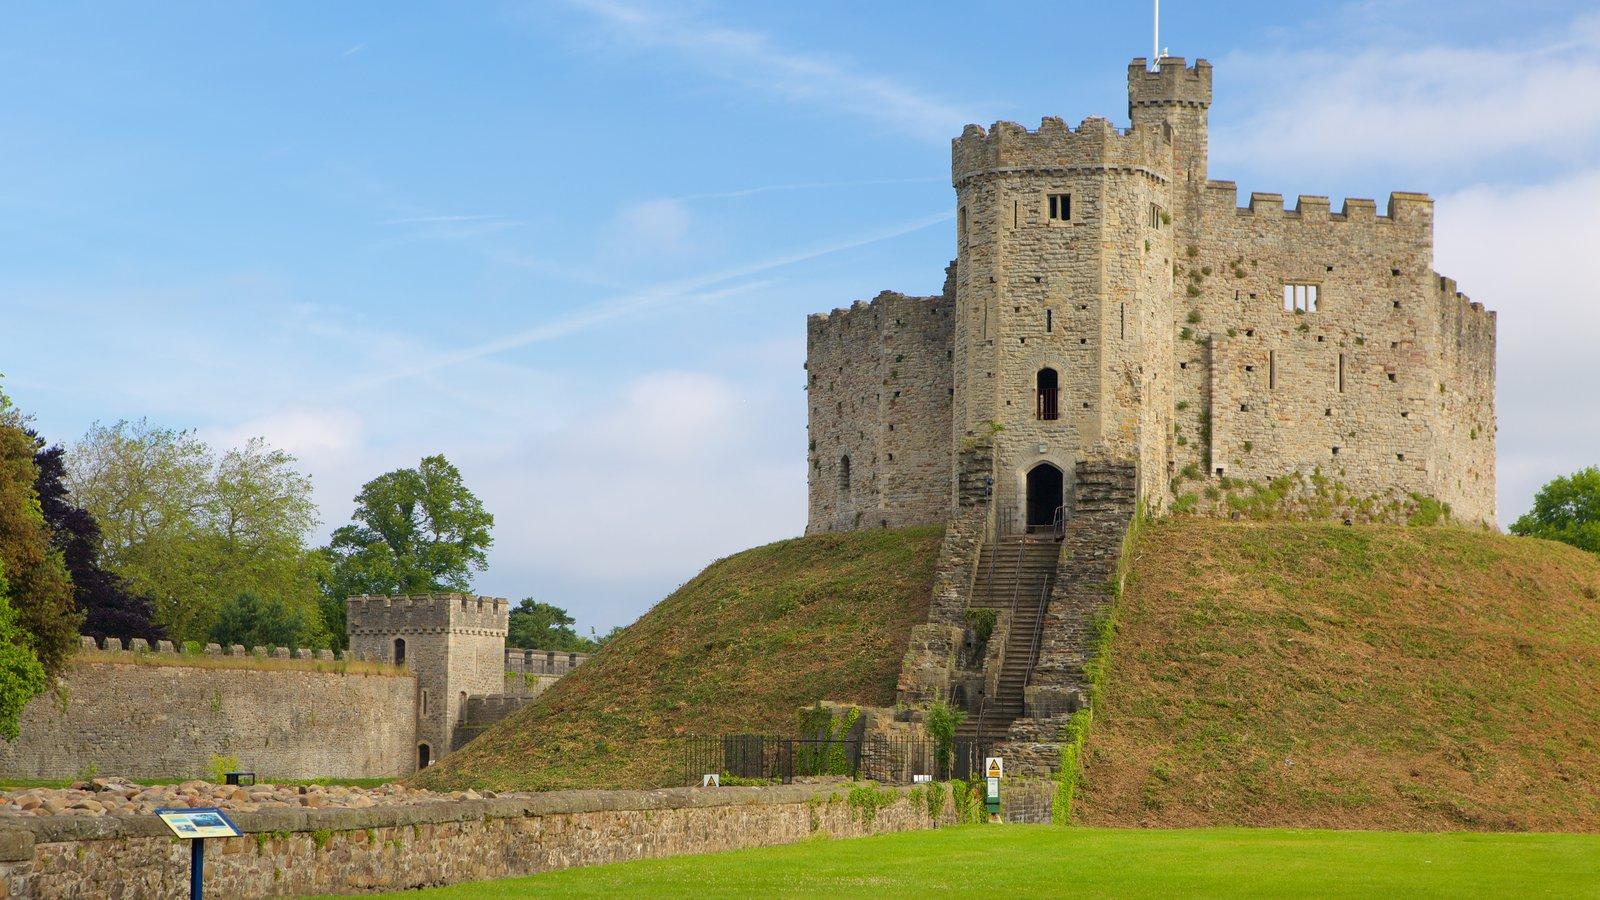 Castelo de Cardiff mostrando elementos de patrimônio, arquitetura de patrimônio e um pequeno castelo ou palácio